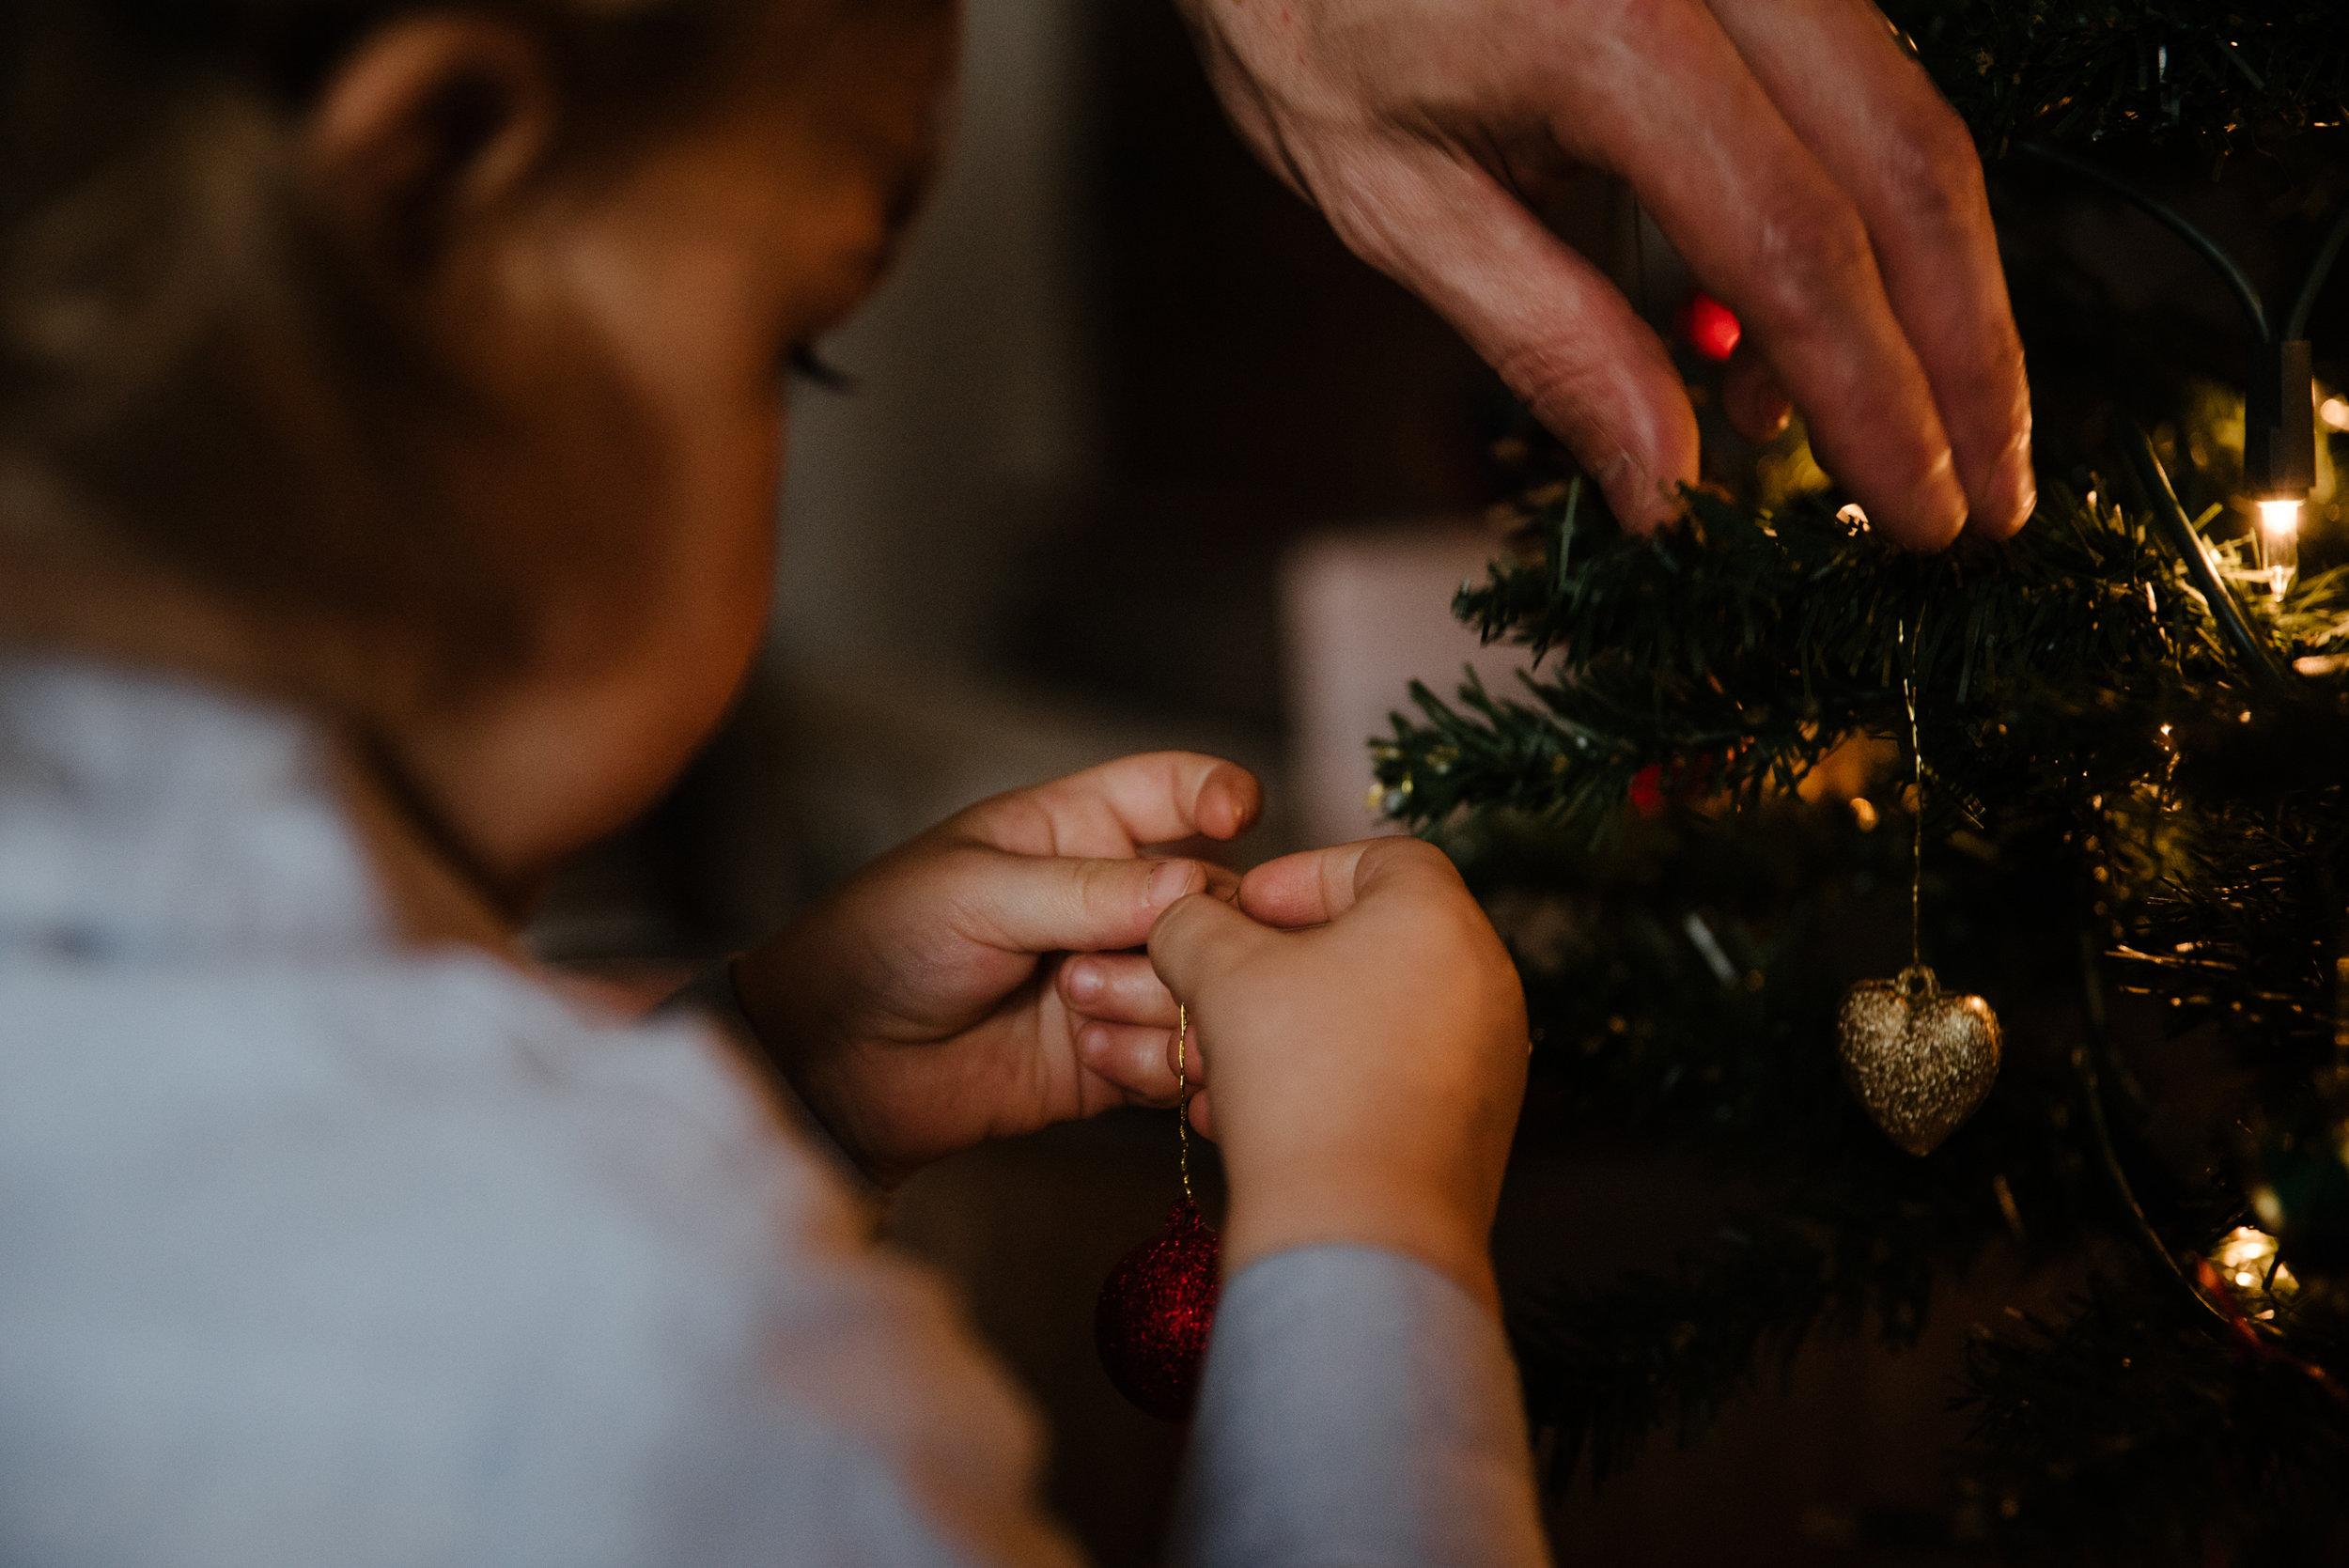 008-photo-d-un-enfant-qui-met-une-boule-de-noel-dans-un-sapin-photographe-lifestyle-famille-a-montreal-1218.jpg